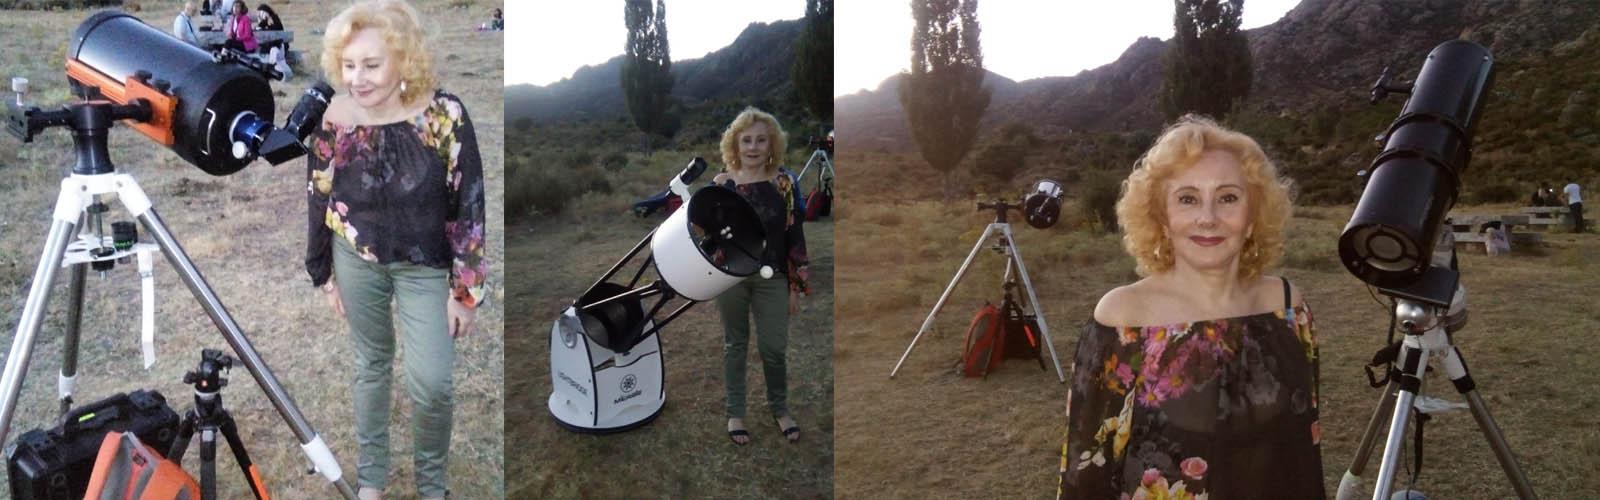 Viaje astronómico a Perseo con Hammam Al Andalus